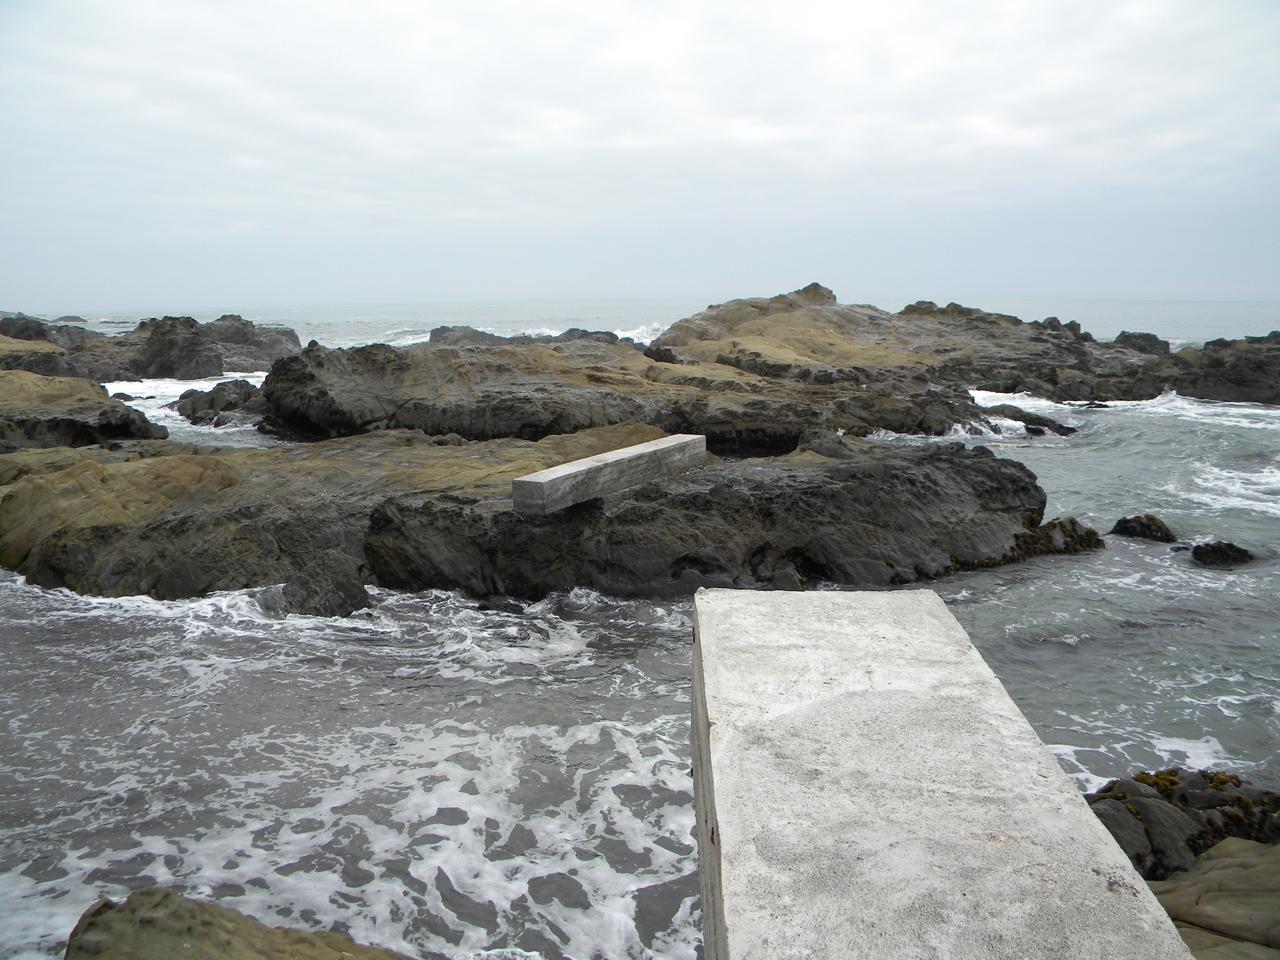 Descanso sobre as Rochas de Perales / Juan Alejandro Chamorro Verdugo, © Juan Alejandro Chamorro Verdugo